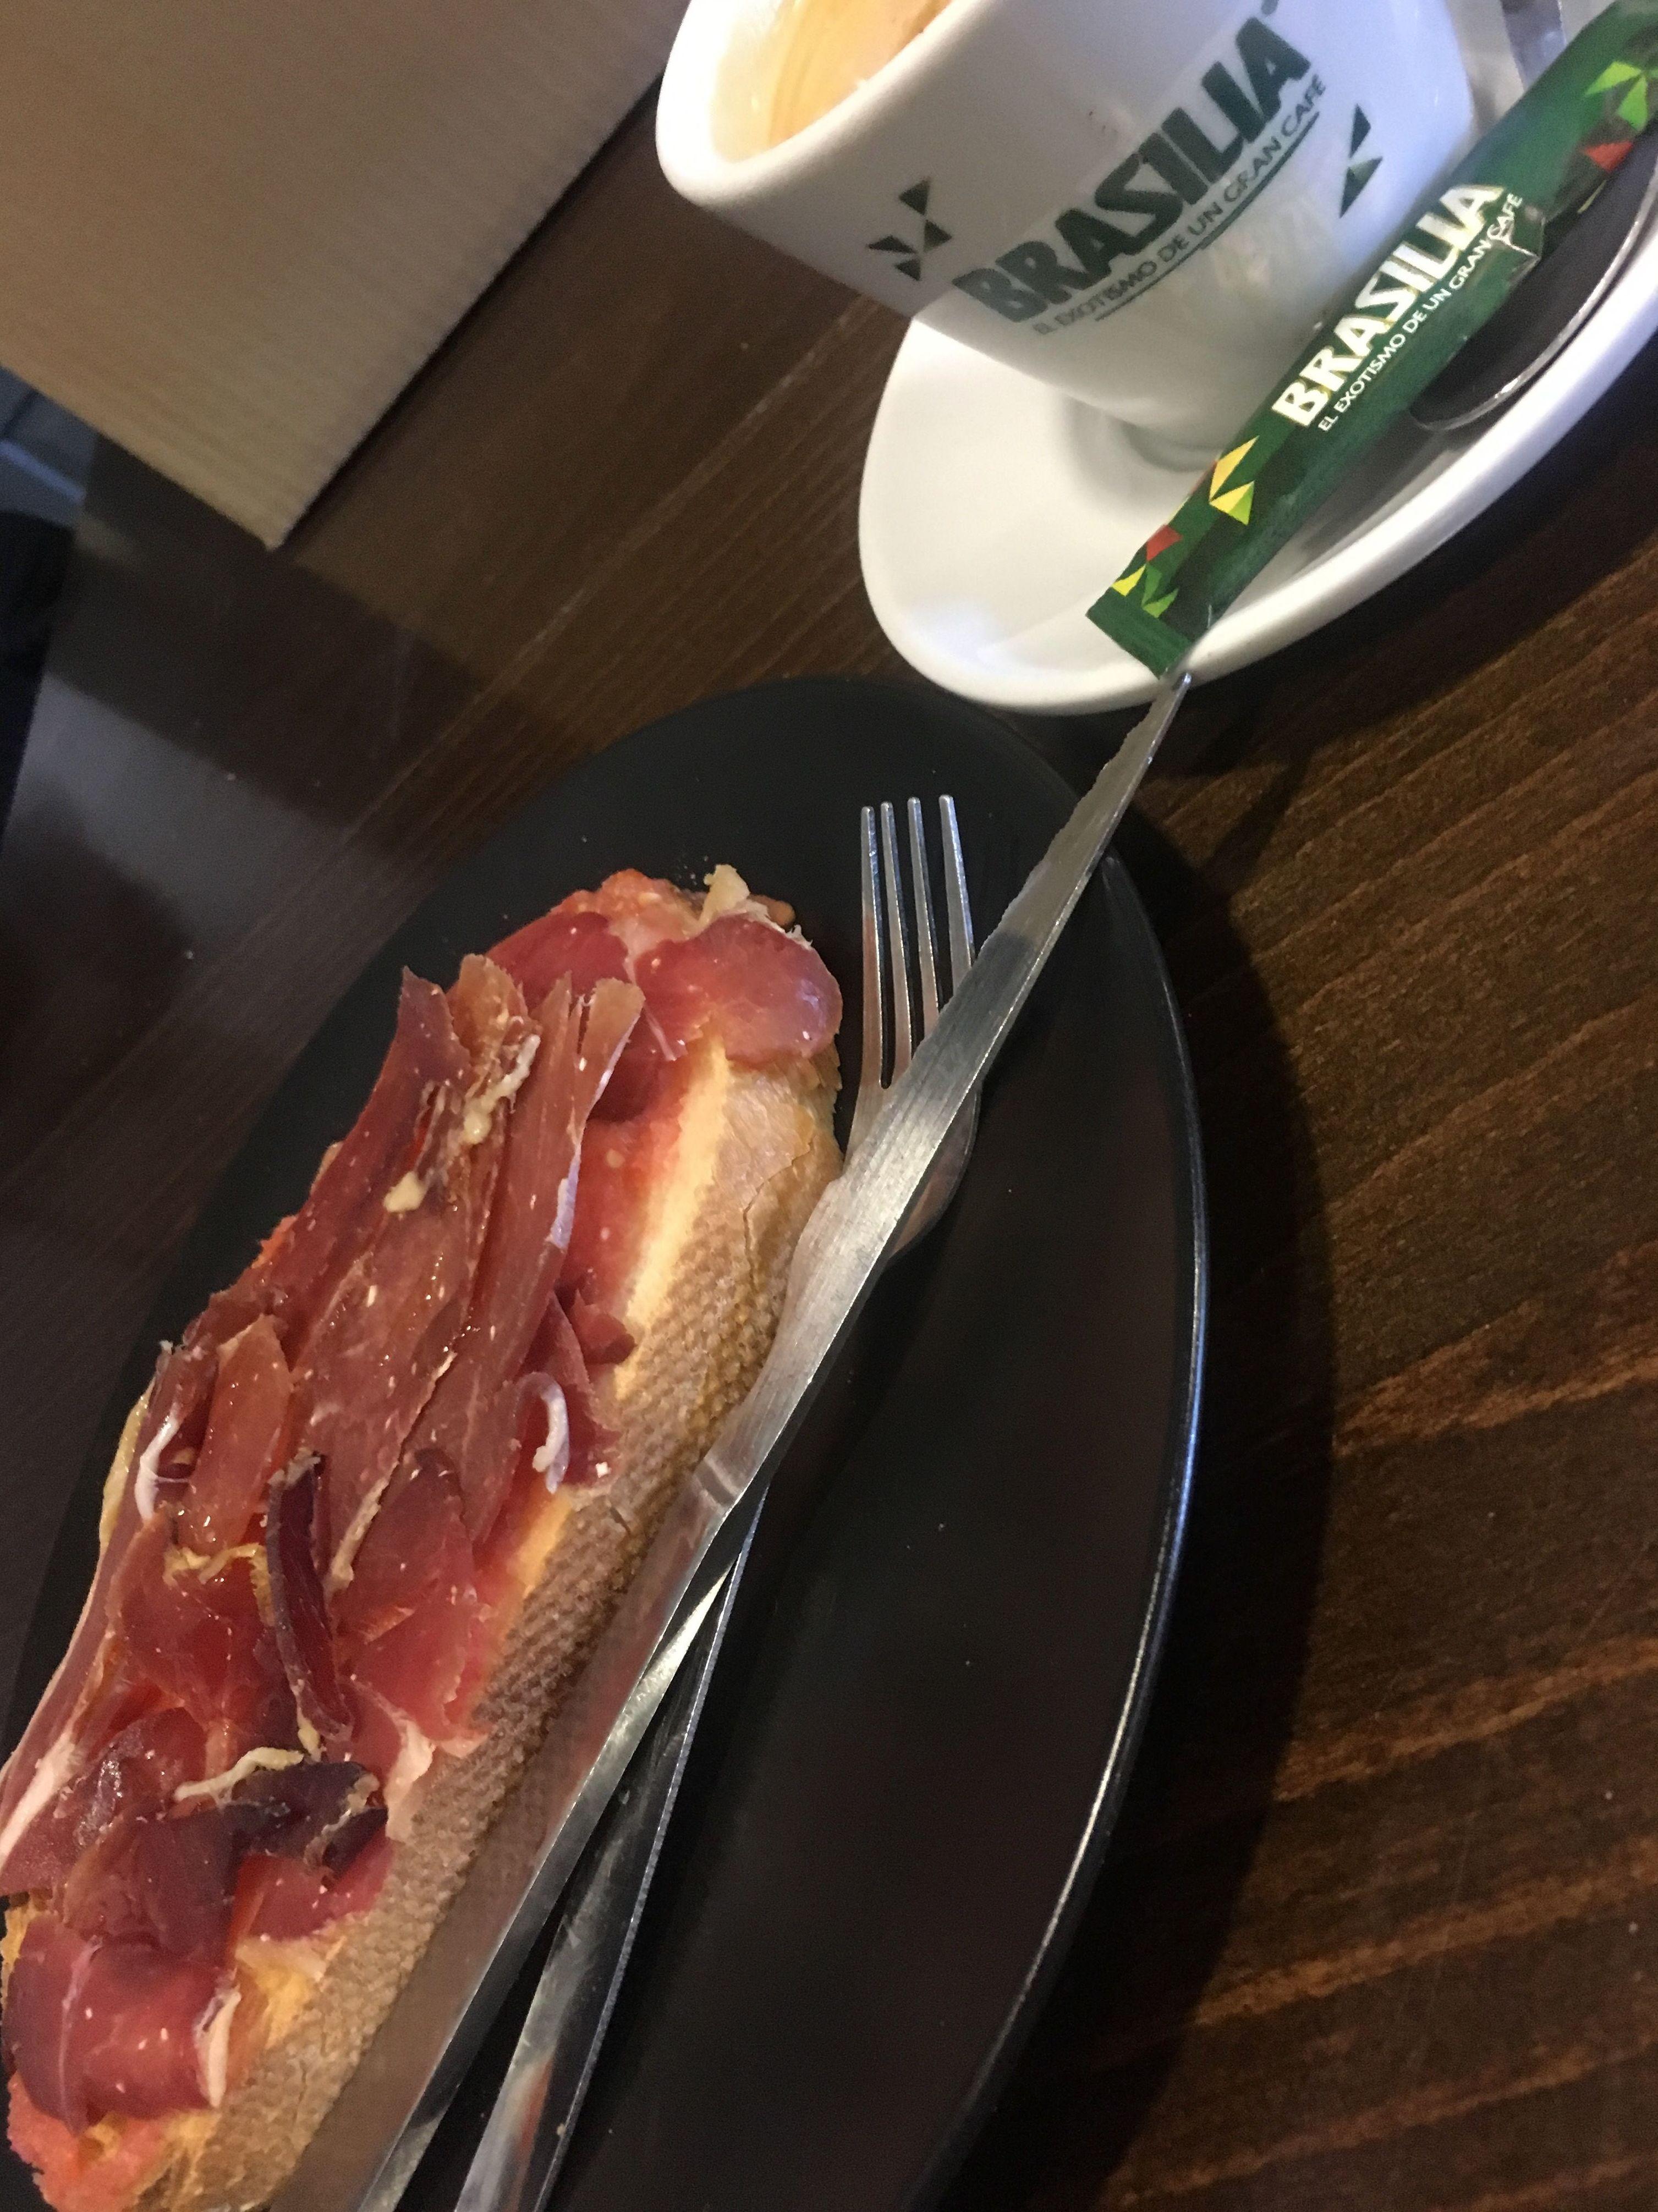 Desayuno con tosta de jamón serrano y café. desayuno barato las tablas Madrid Telecinco restaurante cafetería las tablas